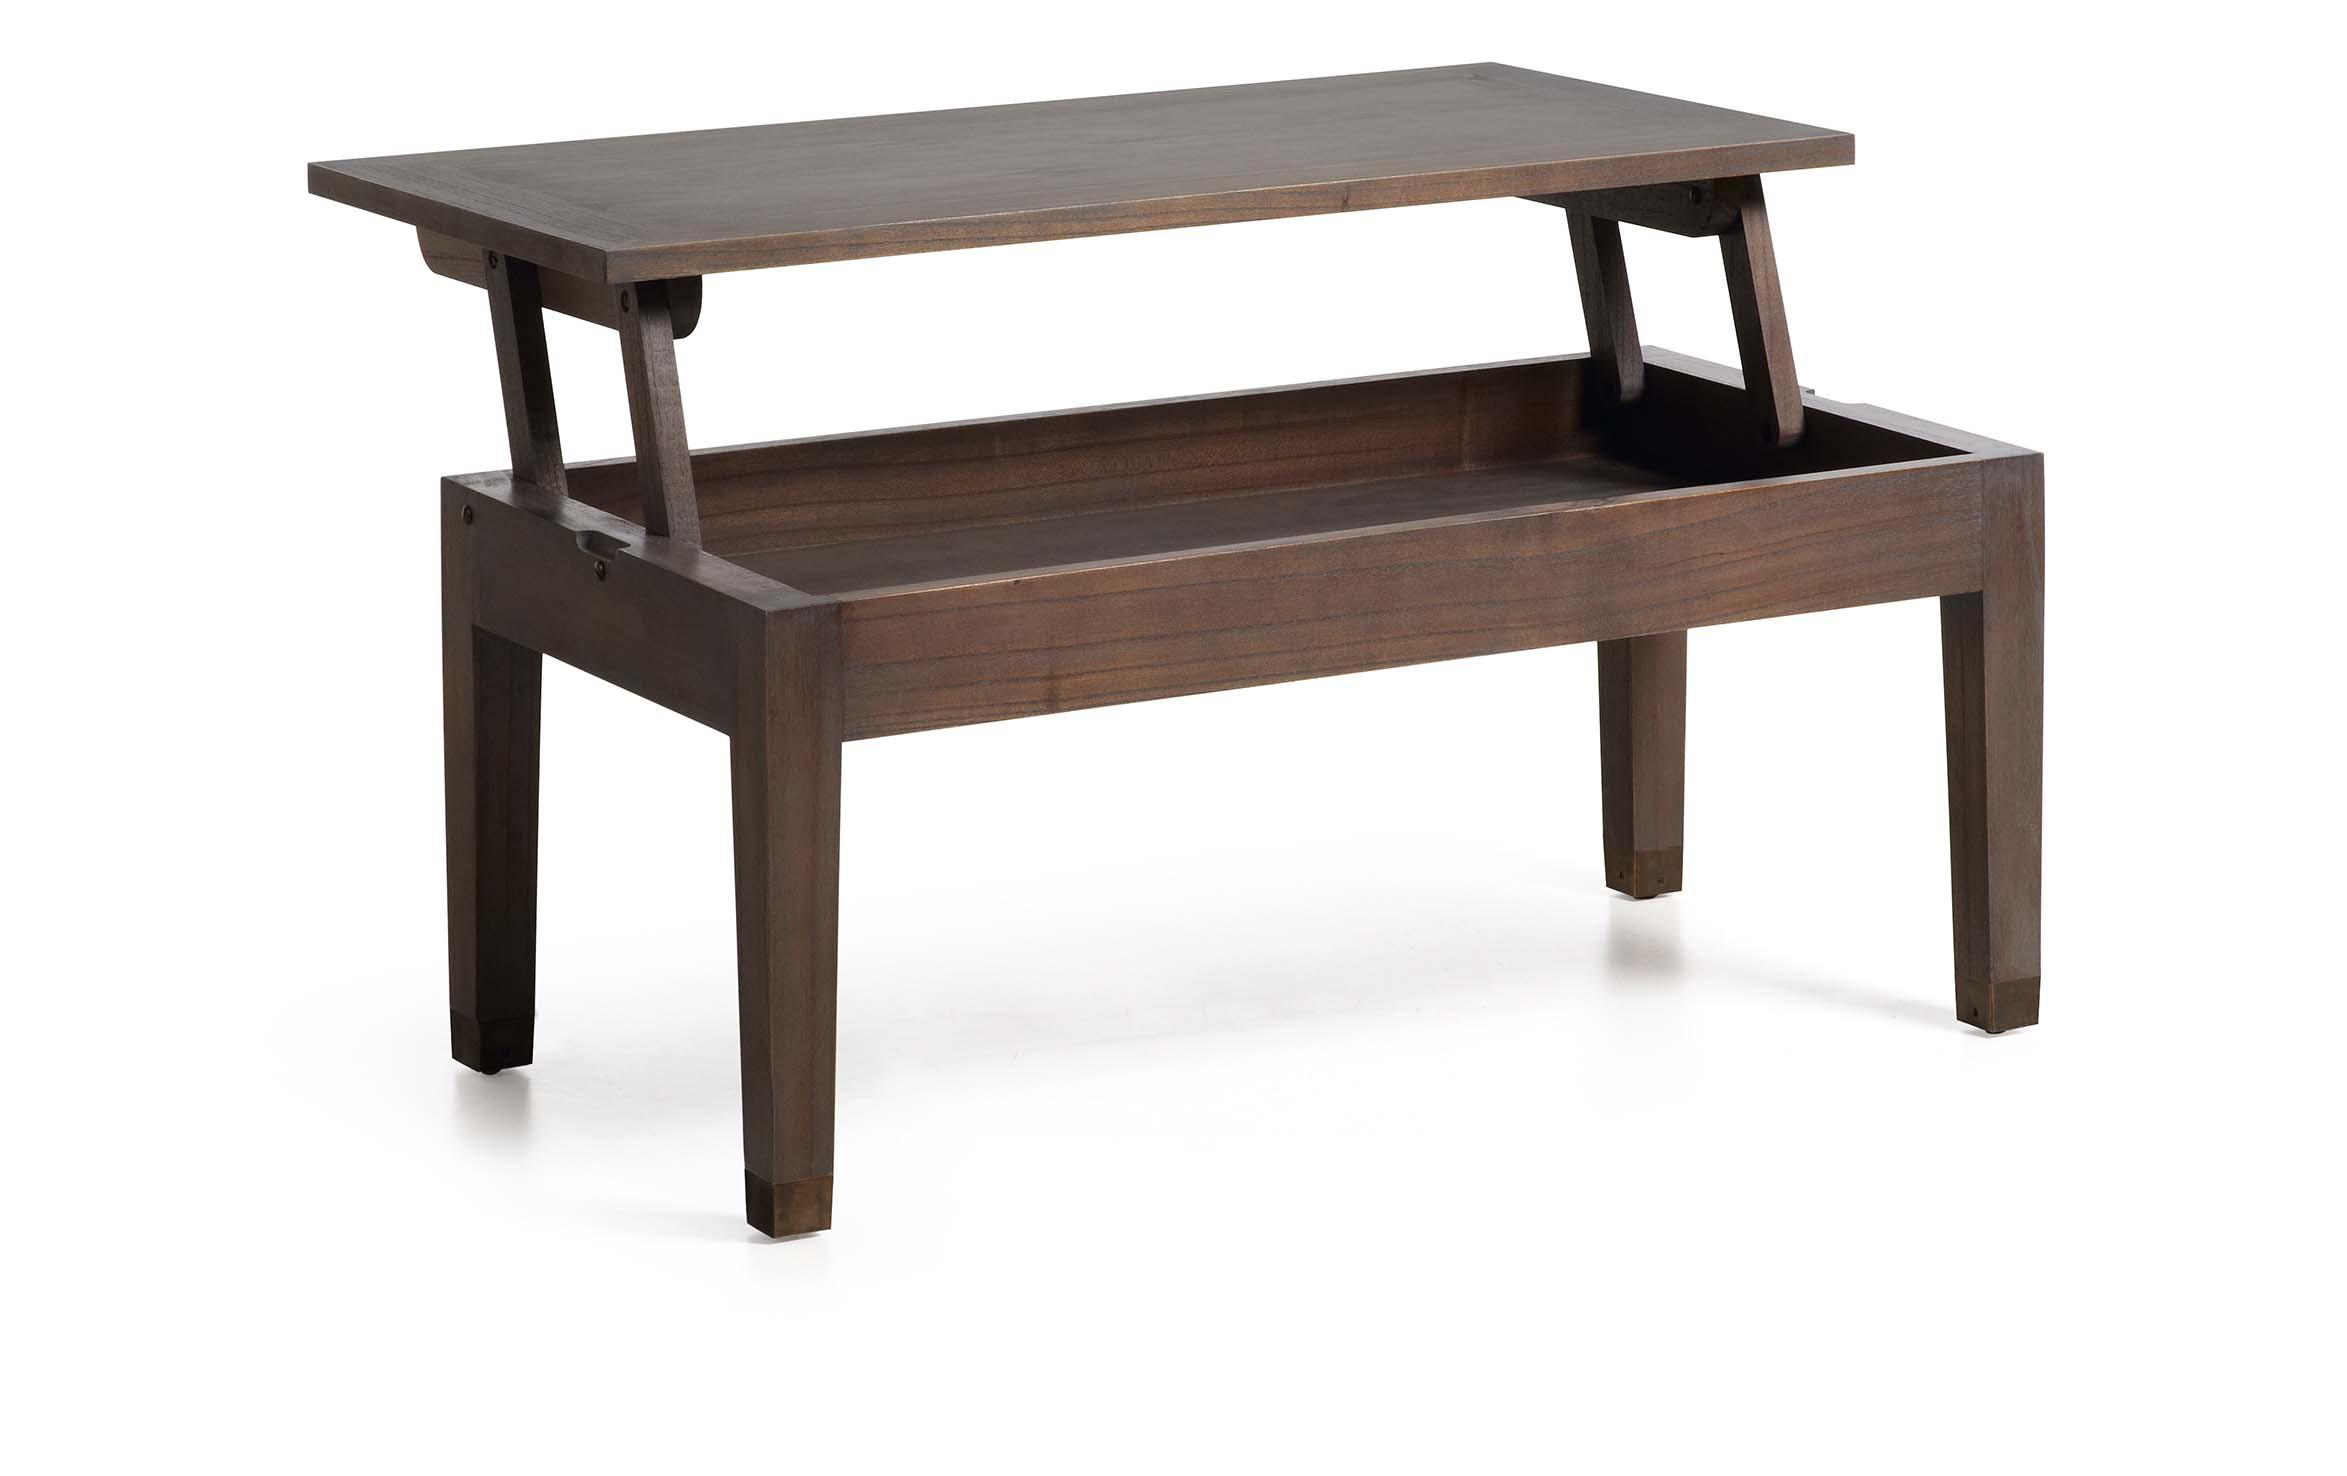 table basse relevable en bois gris collection tana. Black Bedroom Furniture Sets. Home Design Ideas